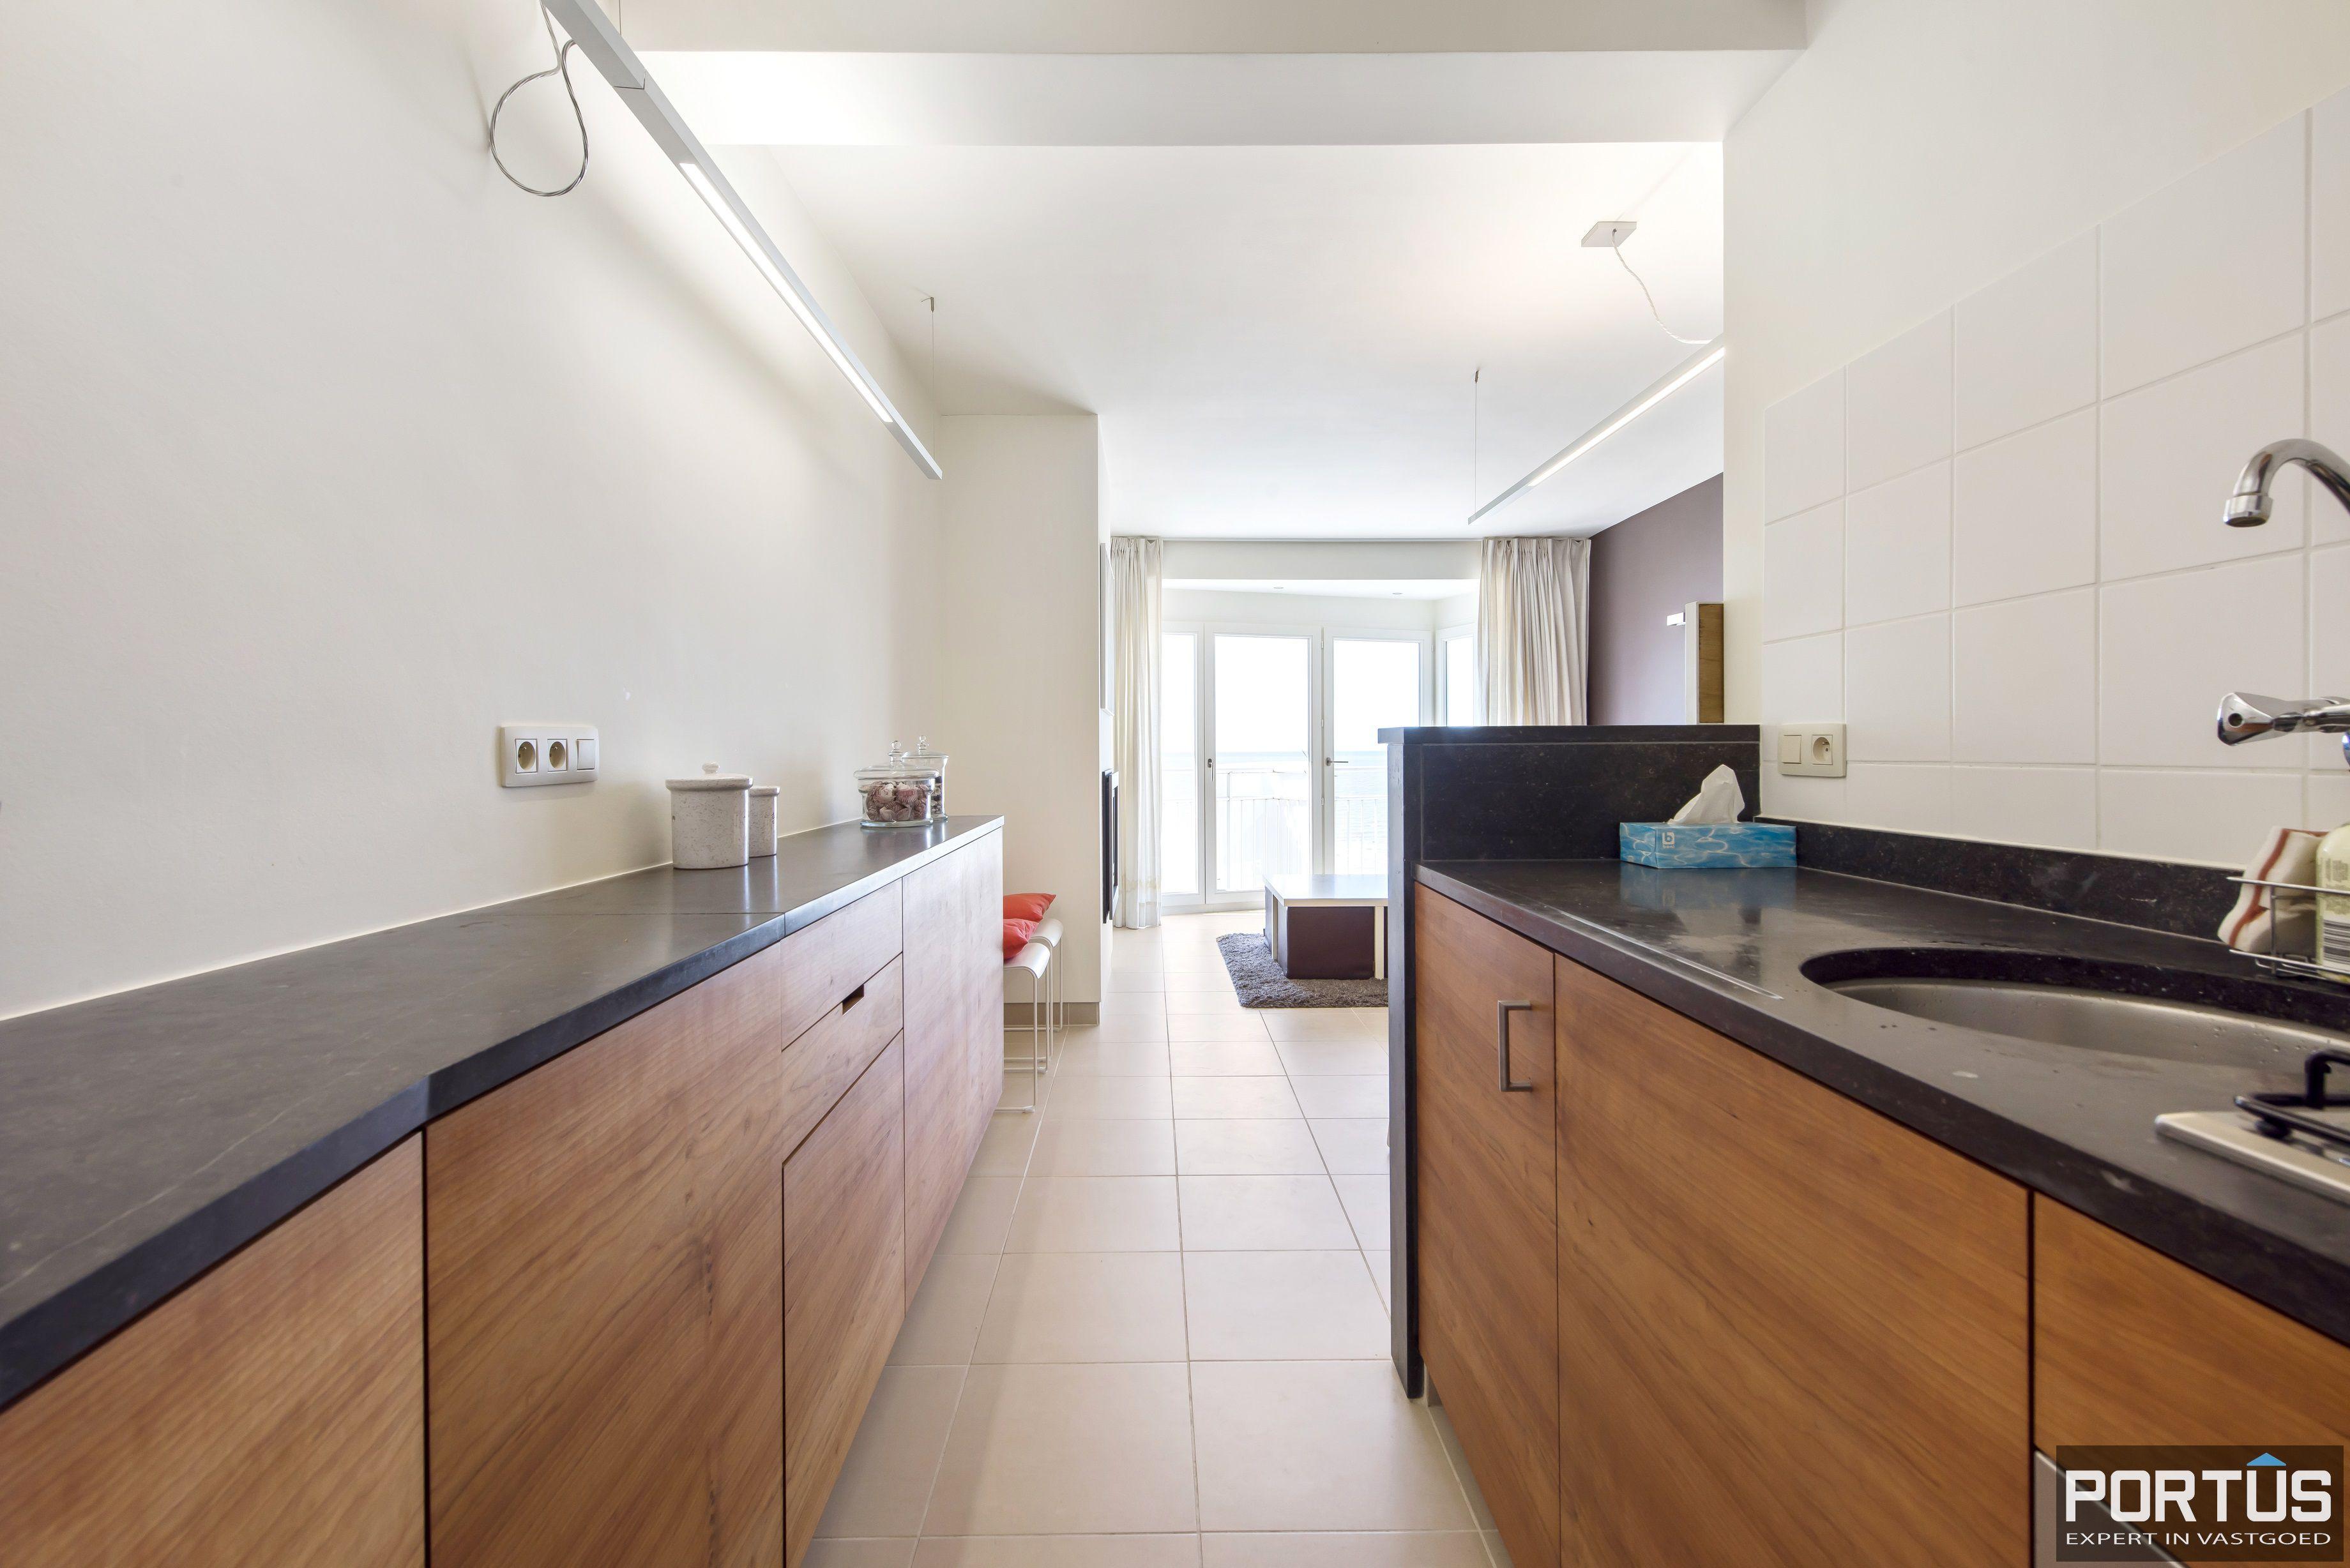 Appartement met 2 slaapkamers en frontaal zeezicht te koop Nieuwpoort - 9776